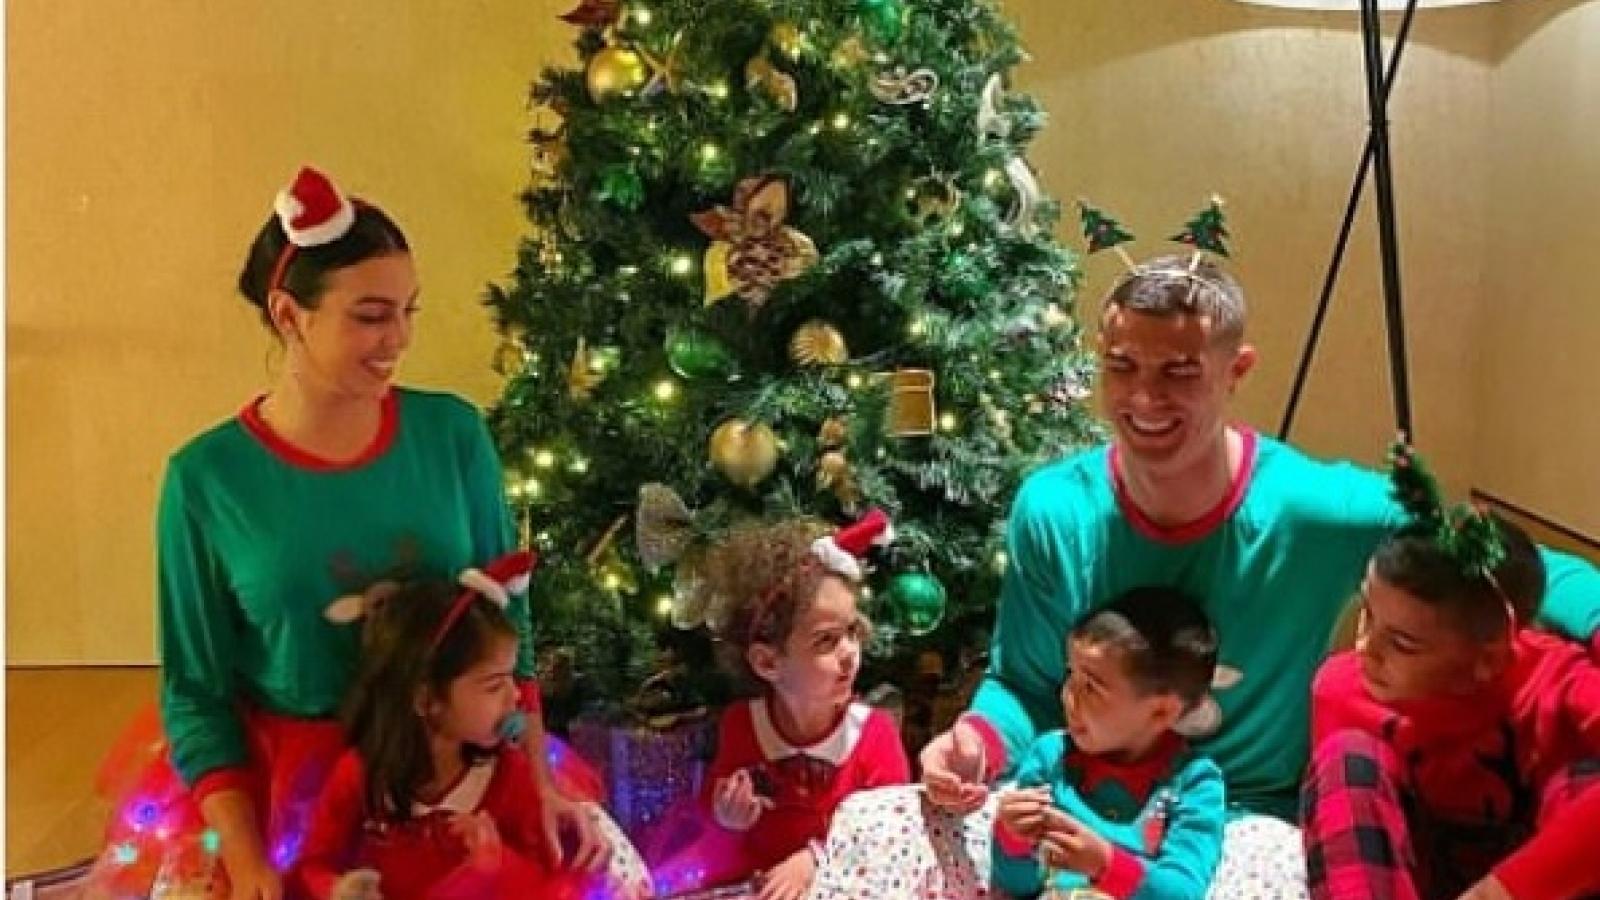 C.Ronaldo và bạn gái mặc đồ đôi đón Giáng sinh ấm áp bên các con